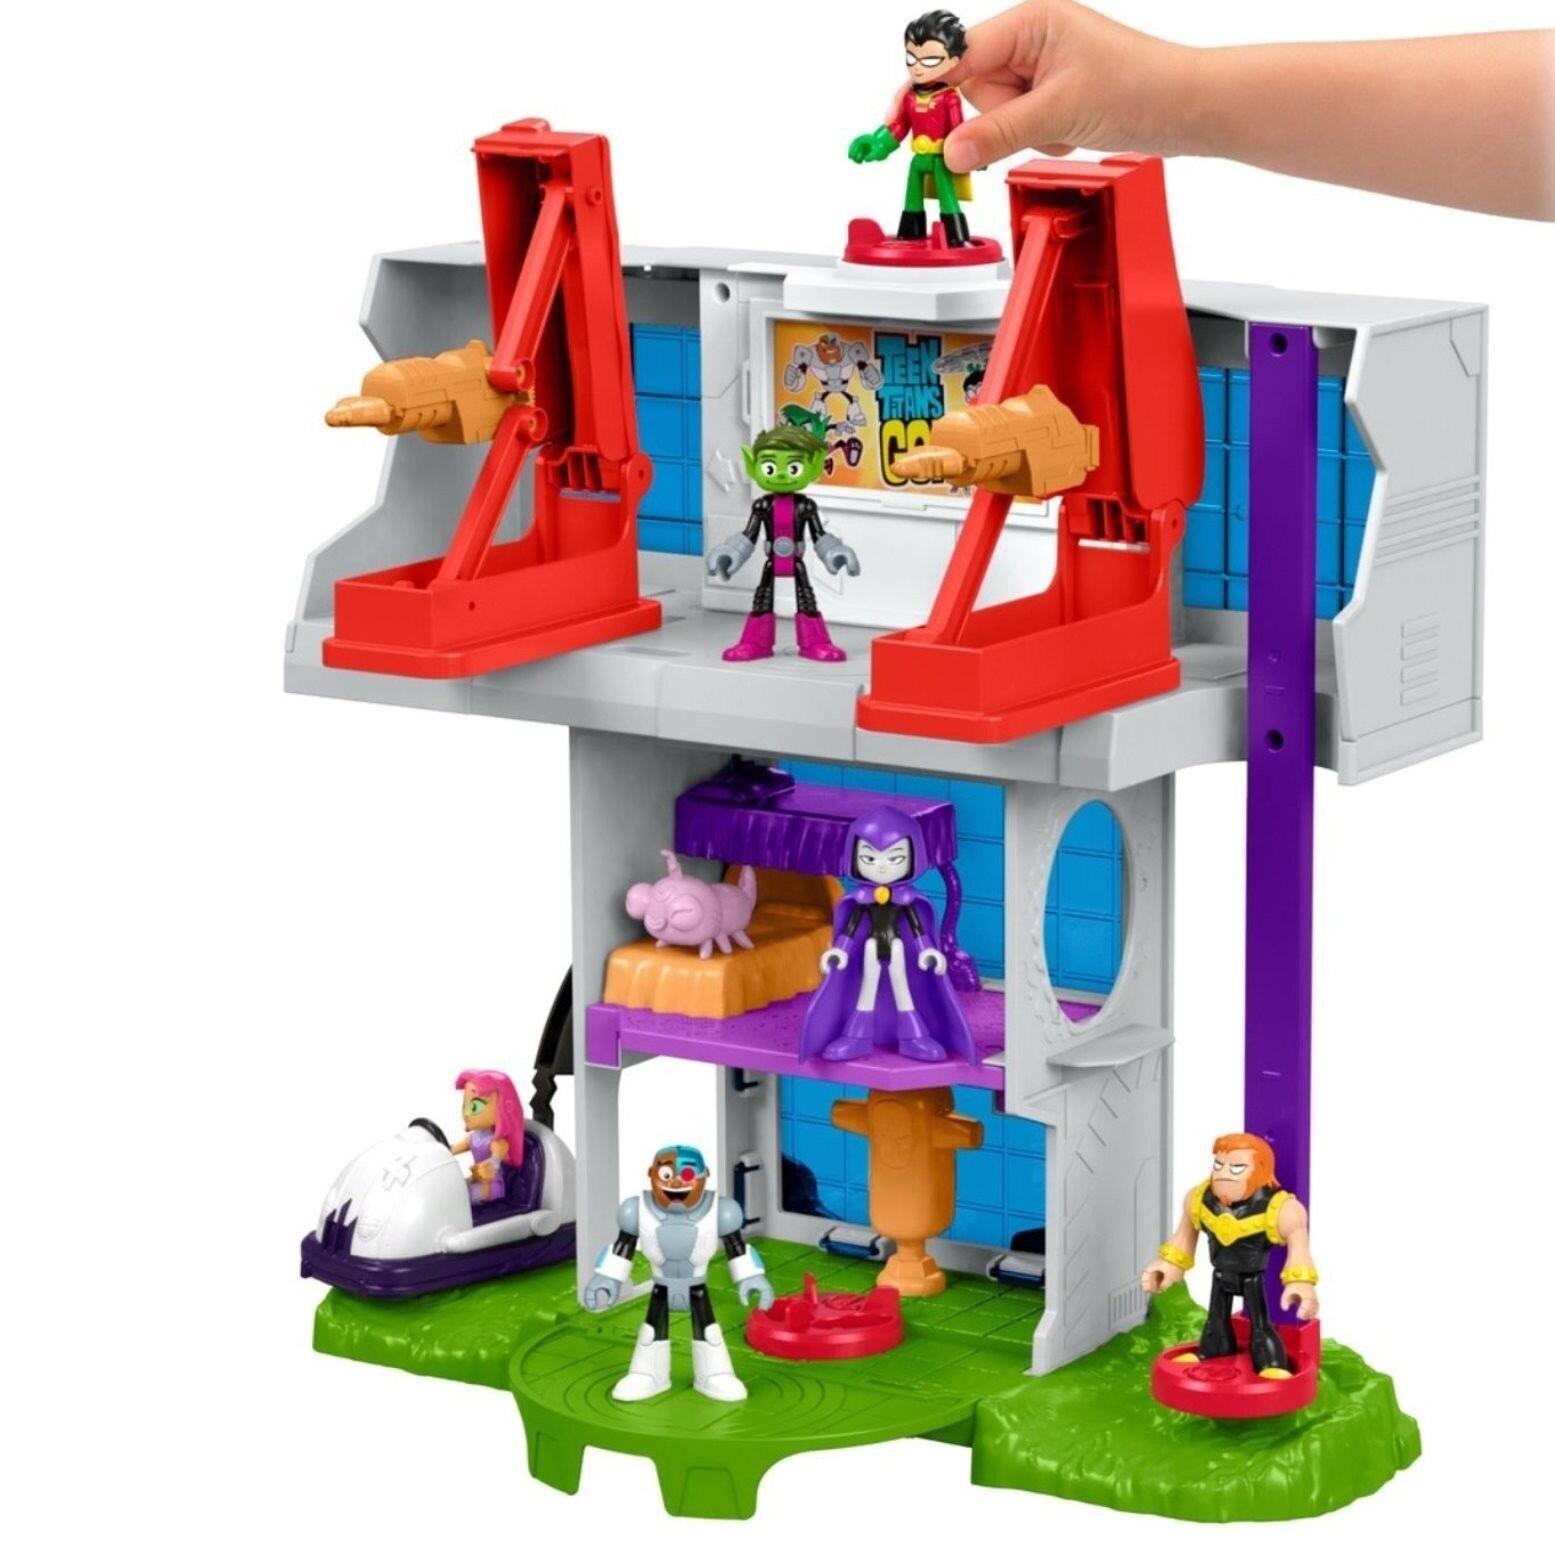 Imaginext teen - titanen tower playset, robin mammut und geist action - figuren